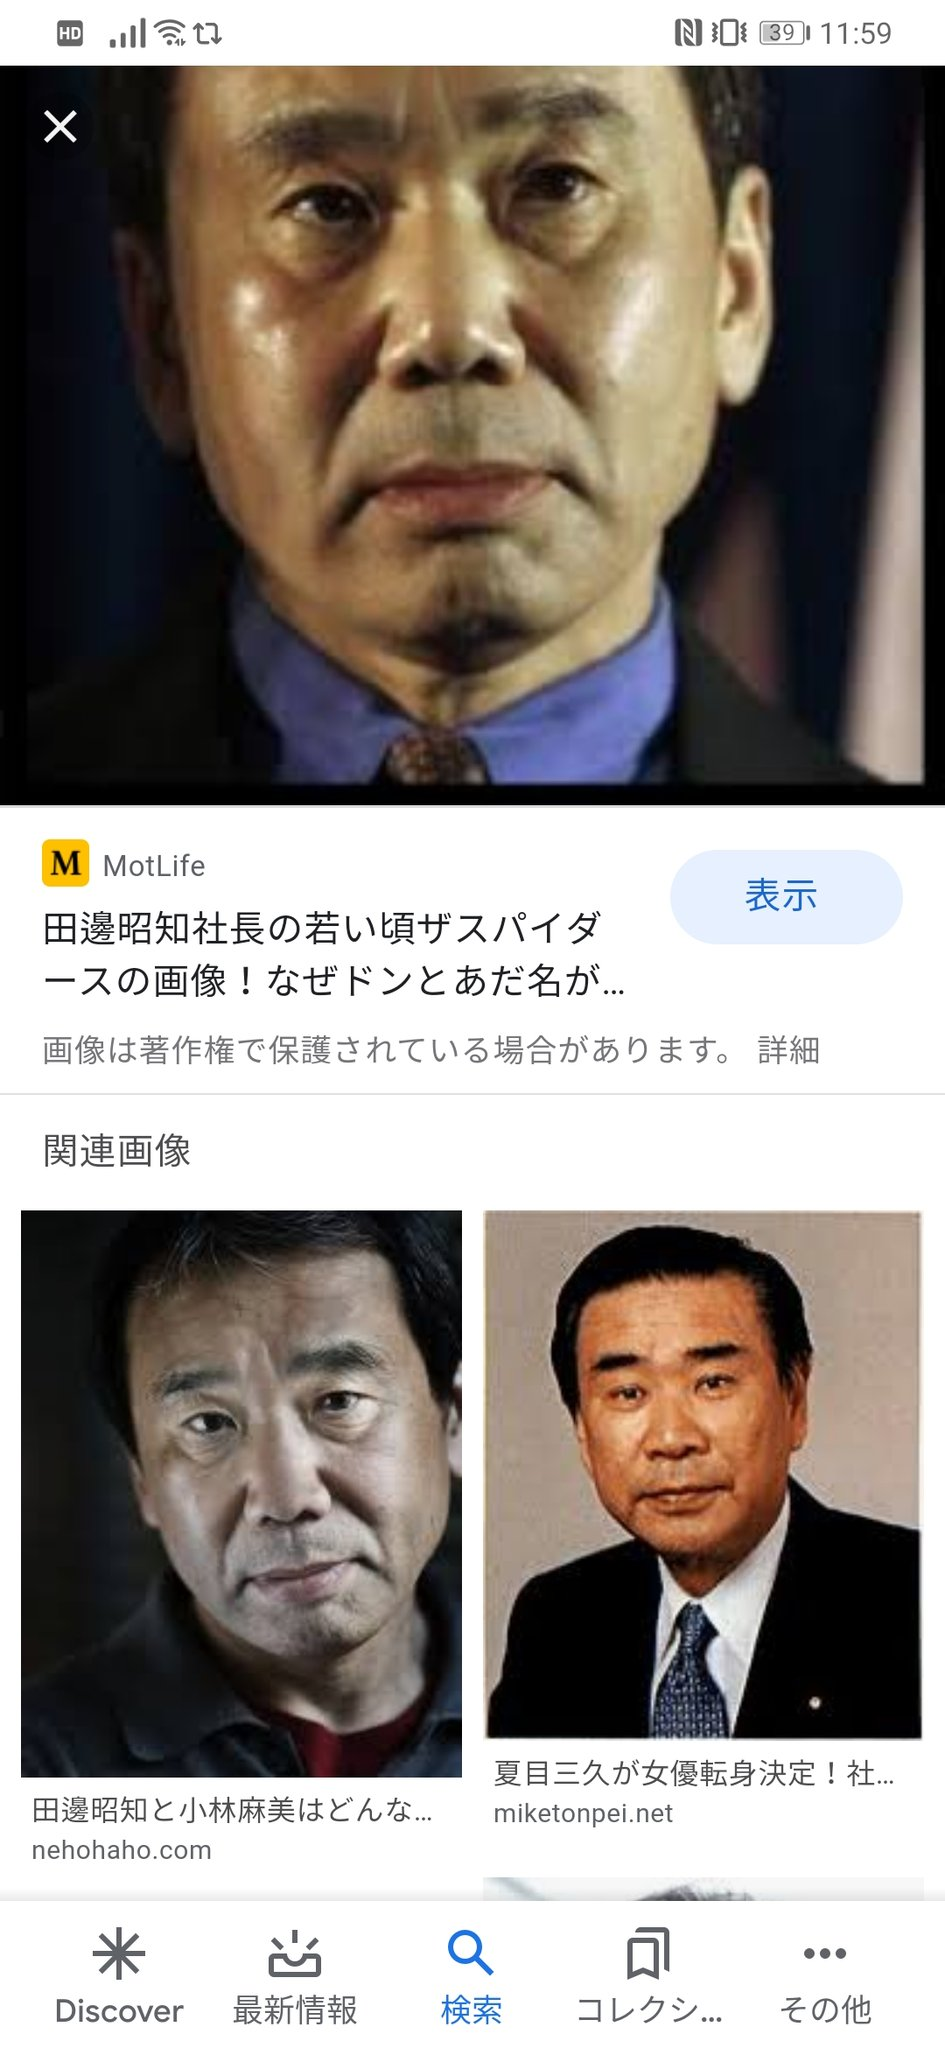 知 田邊 社長 昭